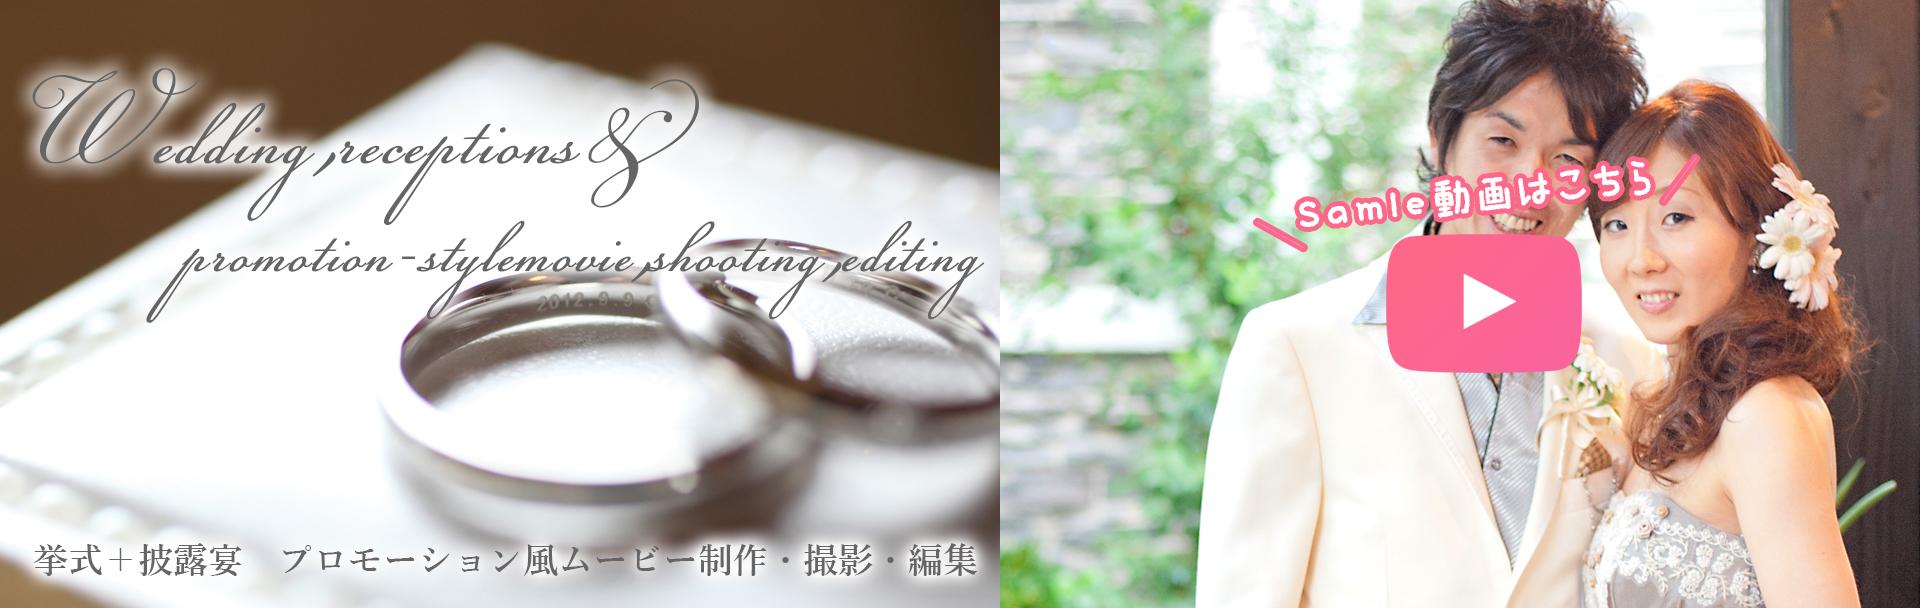 名古屋、愛知、岐阜県の結婚式のウェデイングムービー